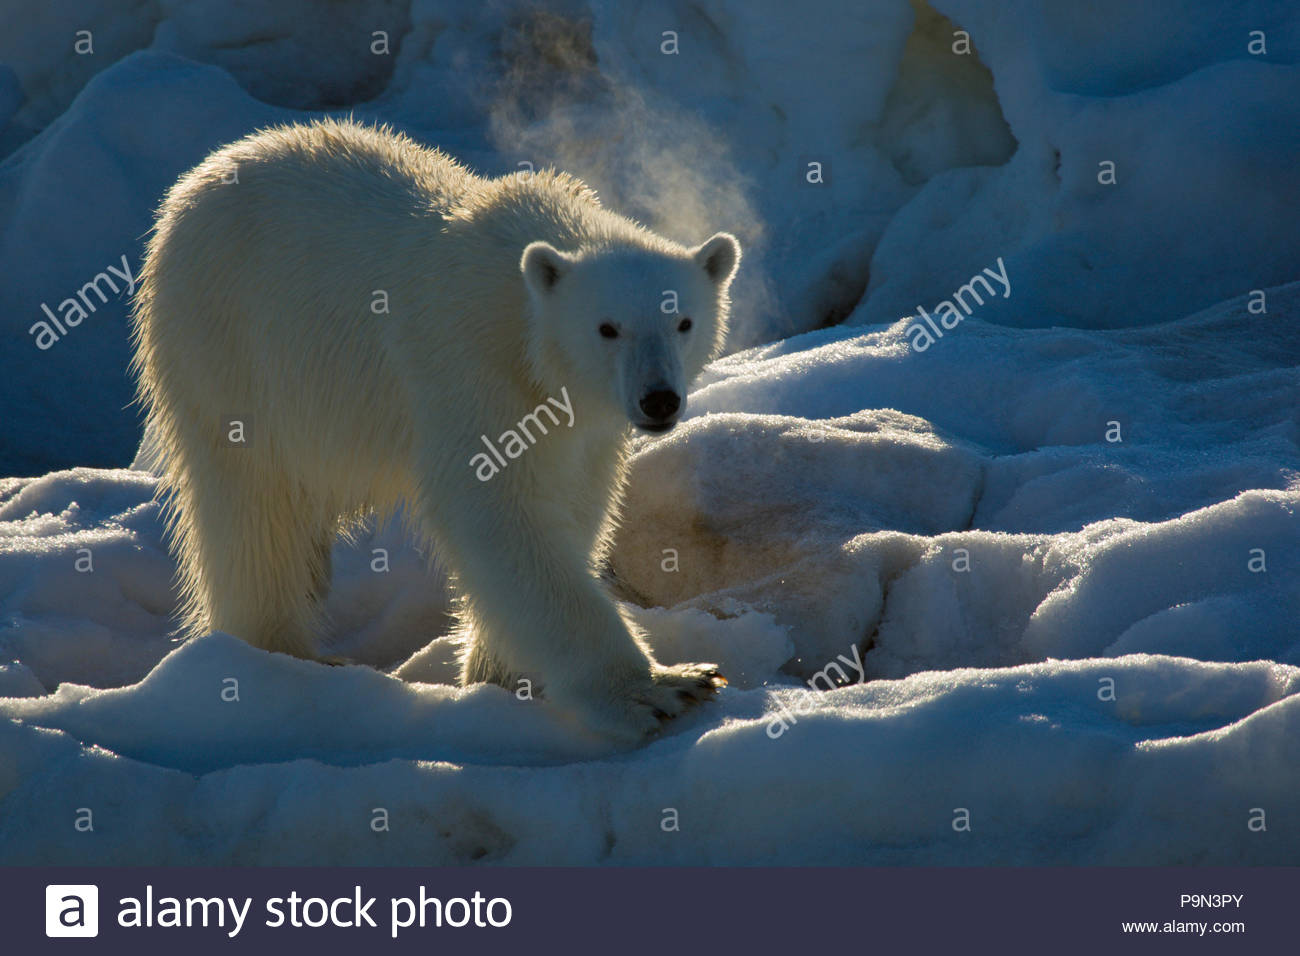 Orso polare, Ursus maritimus, sulla banchisa. Foto Stock